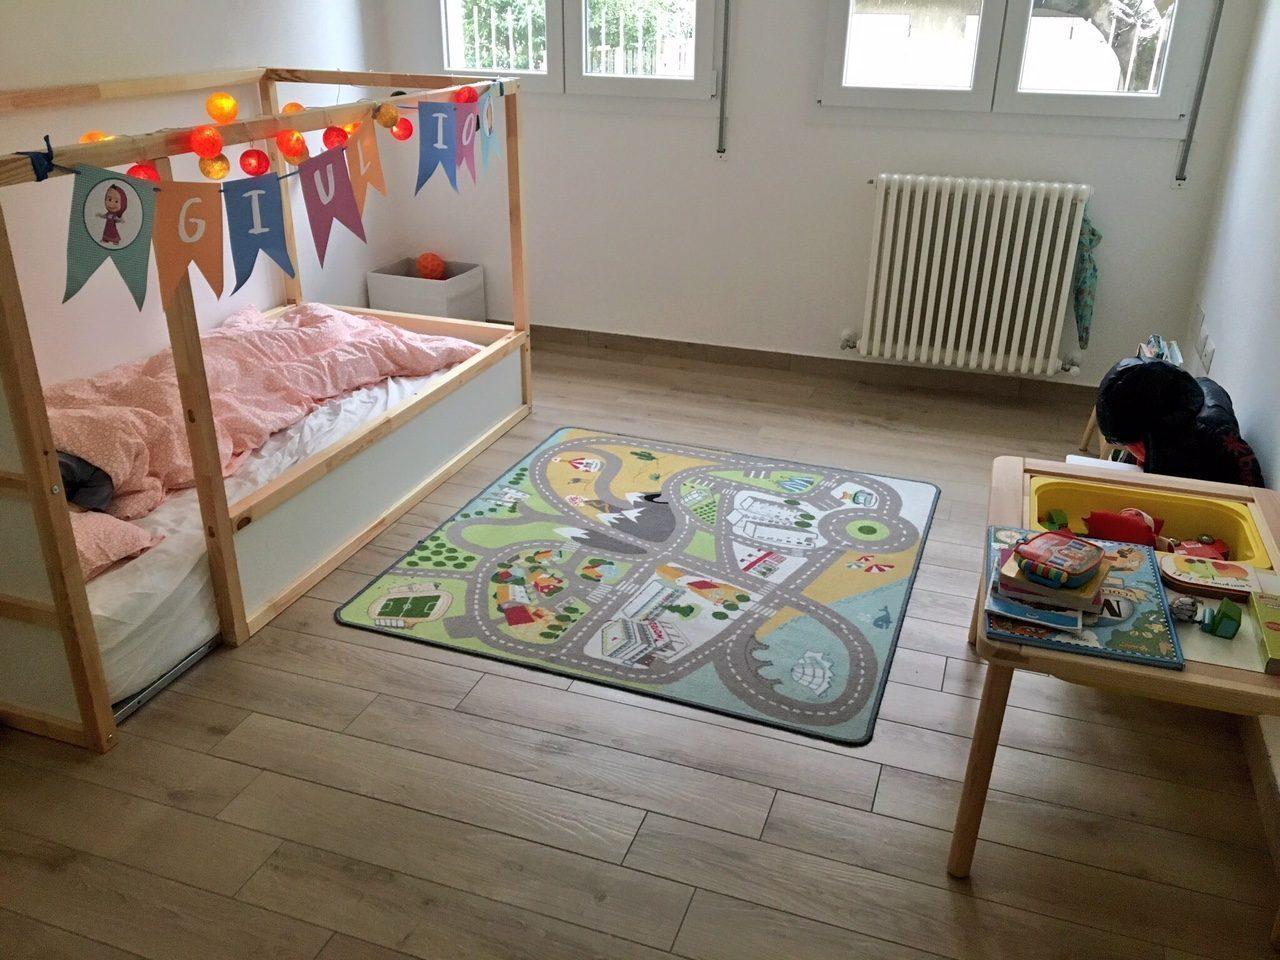 Letto Ikea A Baldacchino.Letto Montessoriano Per Bambini Come Crearlo Con Ikea A Basso Costo